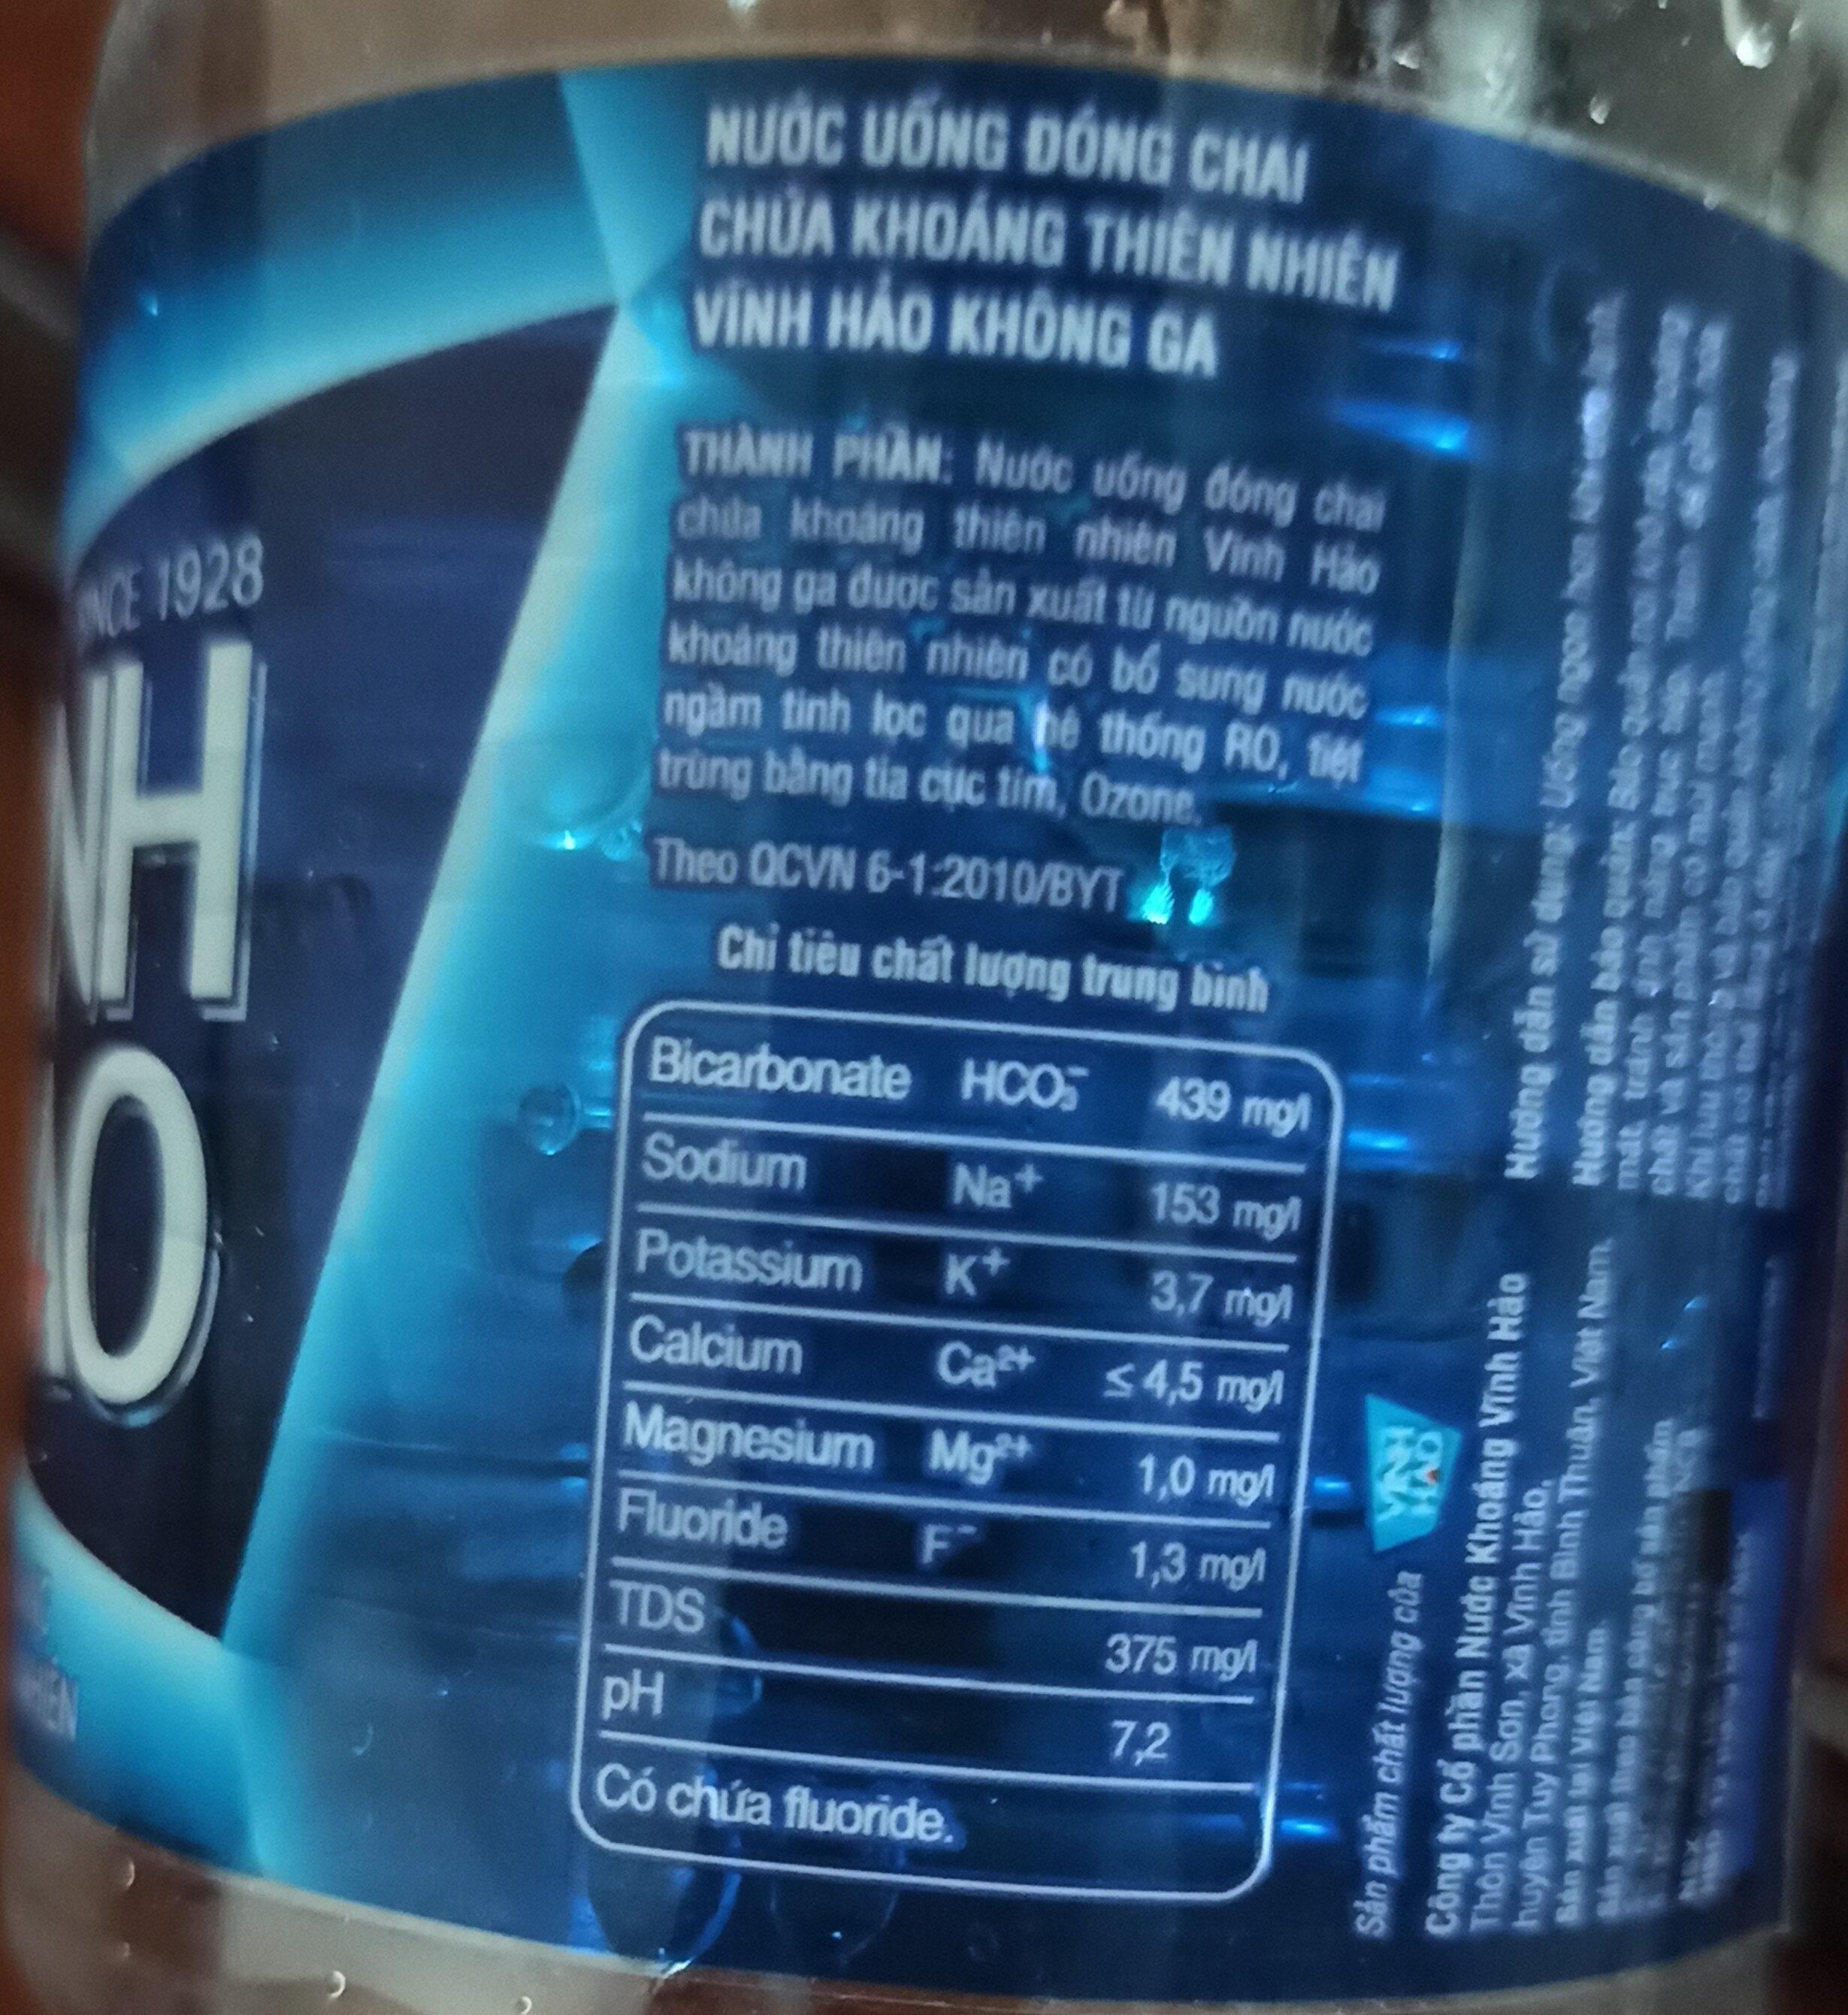 Nước khoáng không ga tự nhiên Vĩnh Hảo - Ingredienti - vi